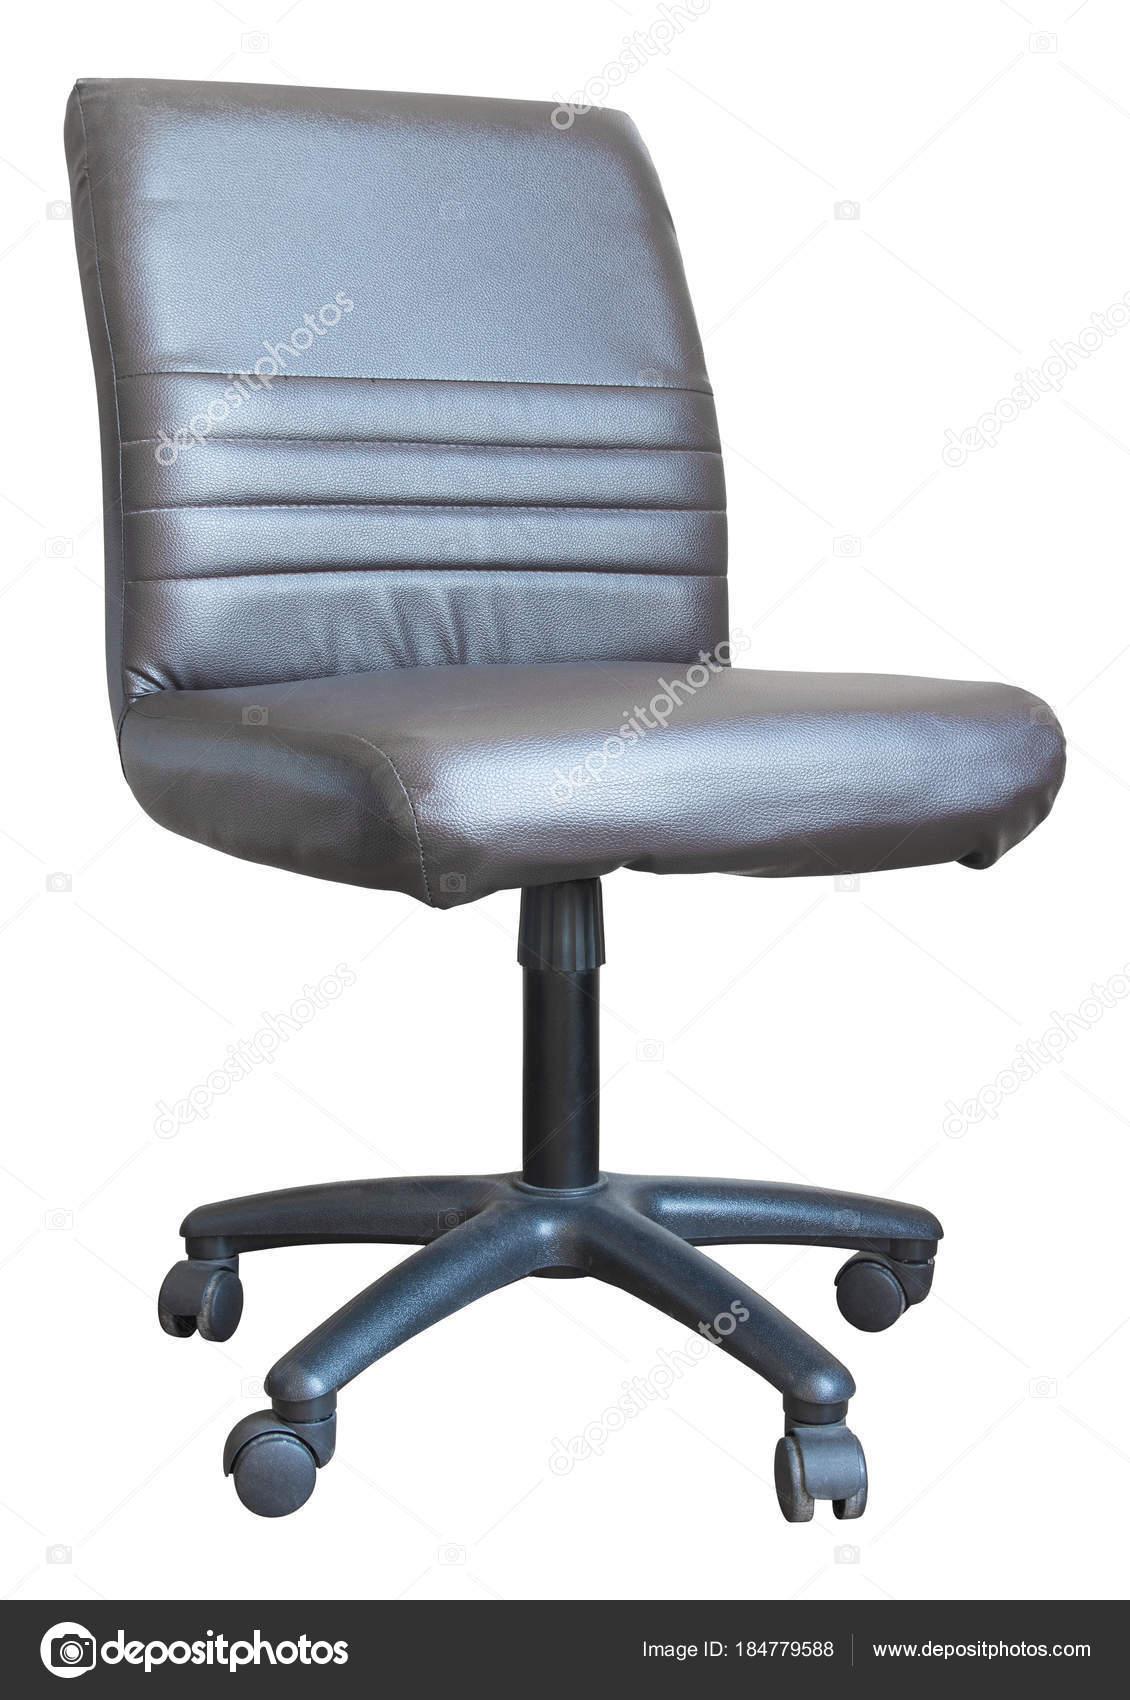 Leder Bürostuhl Isoliert Auf Weiss Mit Beschneidungspfad Stockfoto